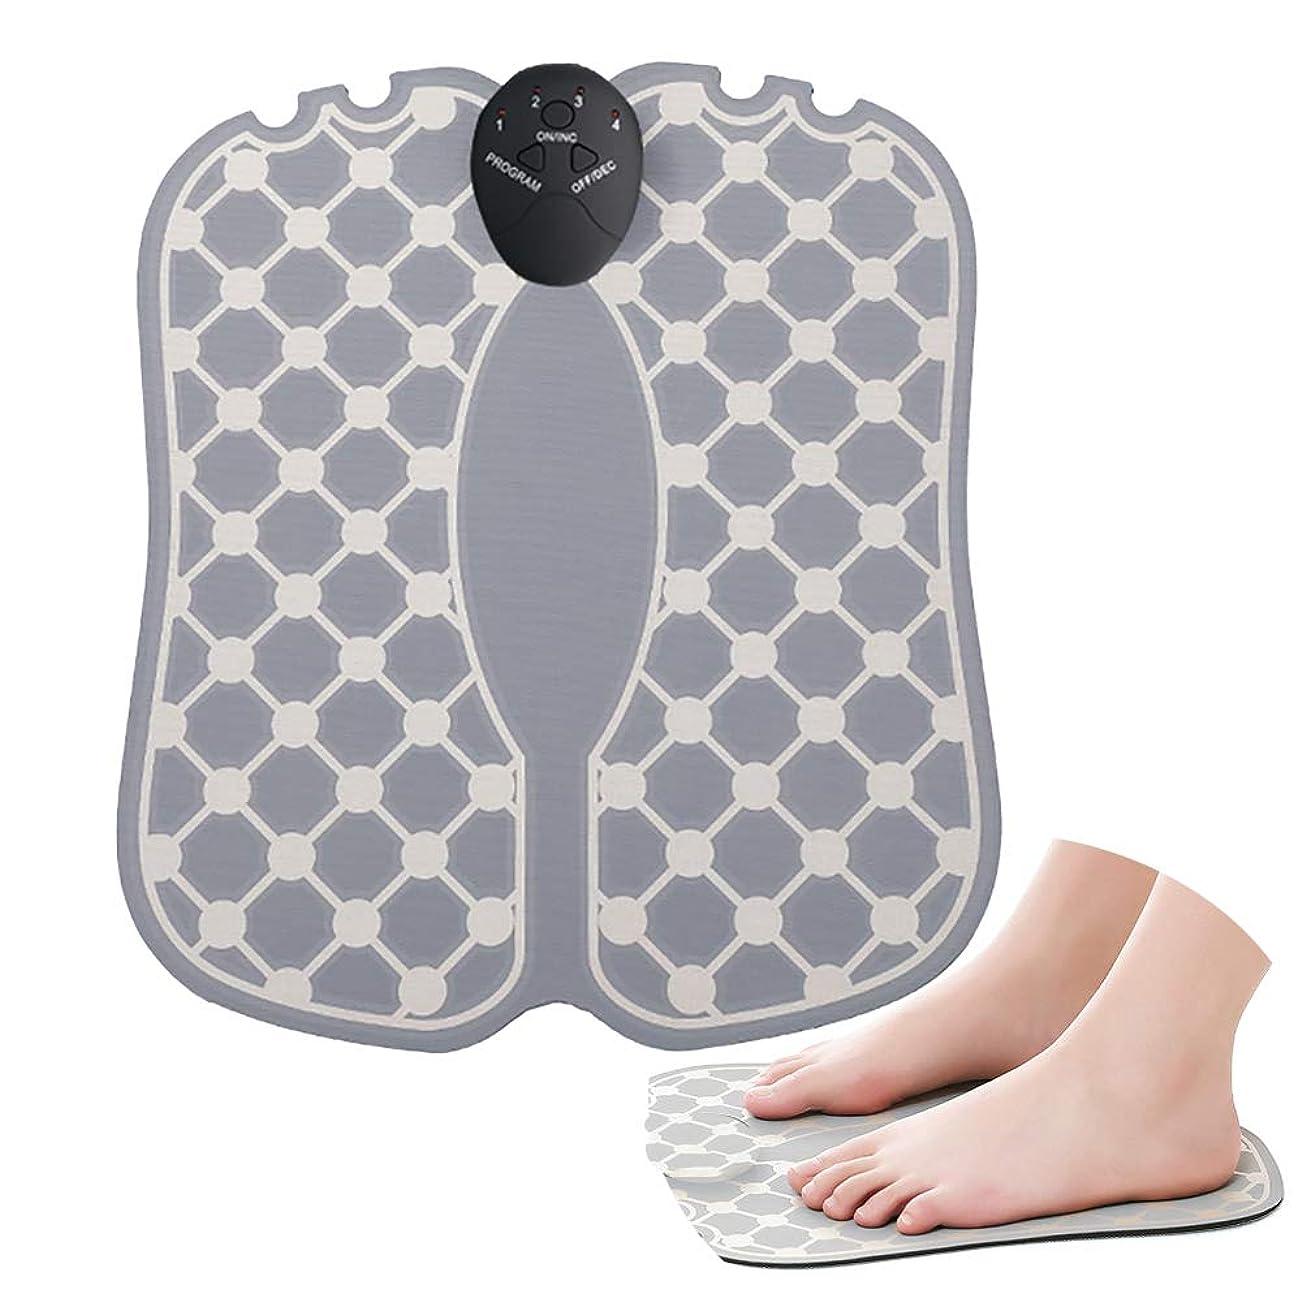 流行しているランチョン時計回り足のマッサージトマッサージャーフットマッサージャーEMSの減圧は深いティッシュ、足の器械が付いている苦痛の足を緩めます